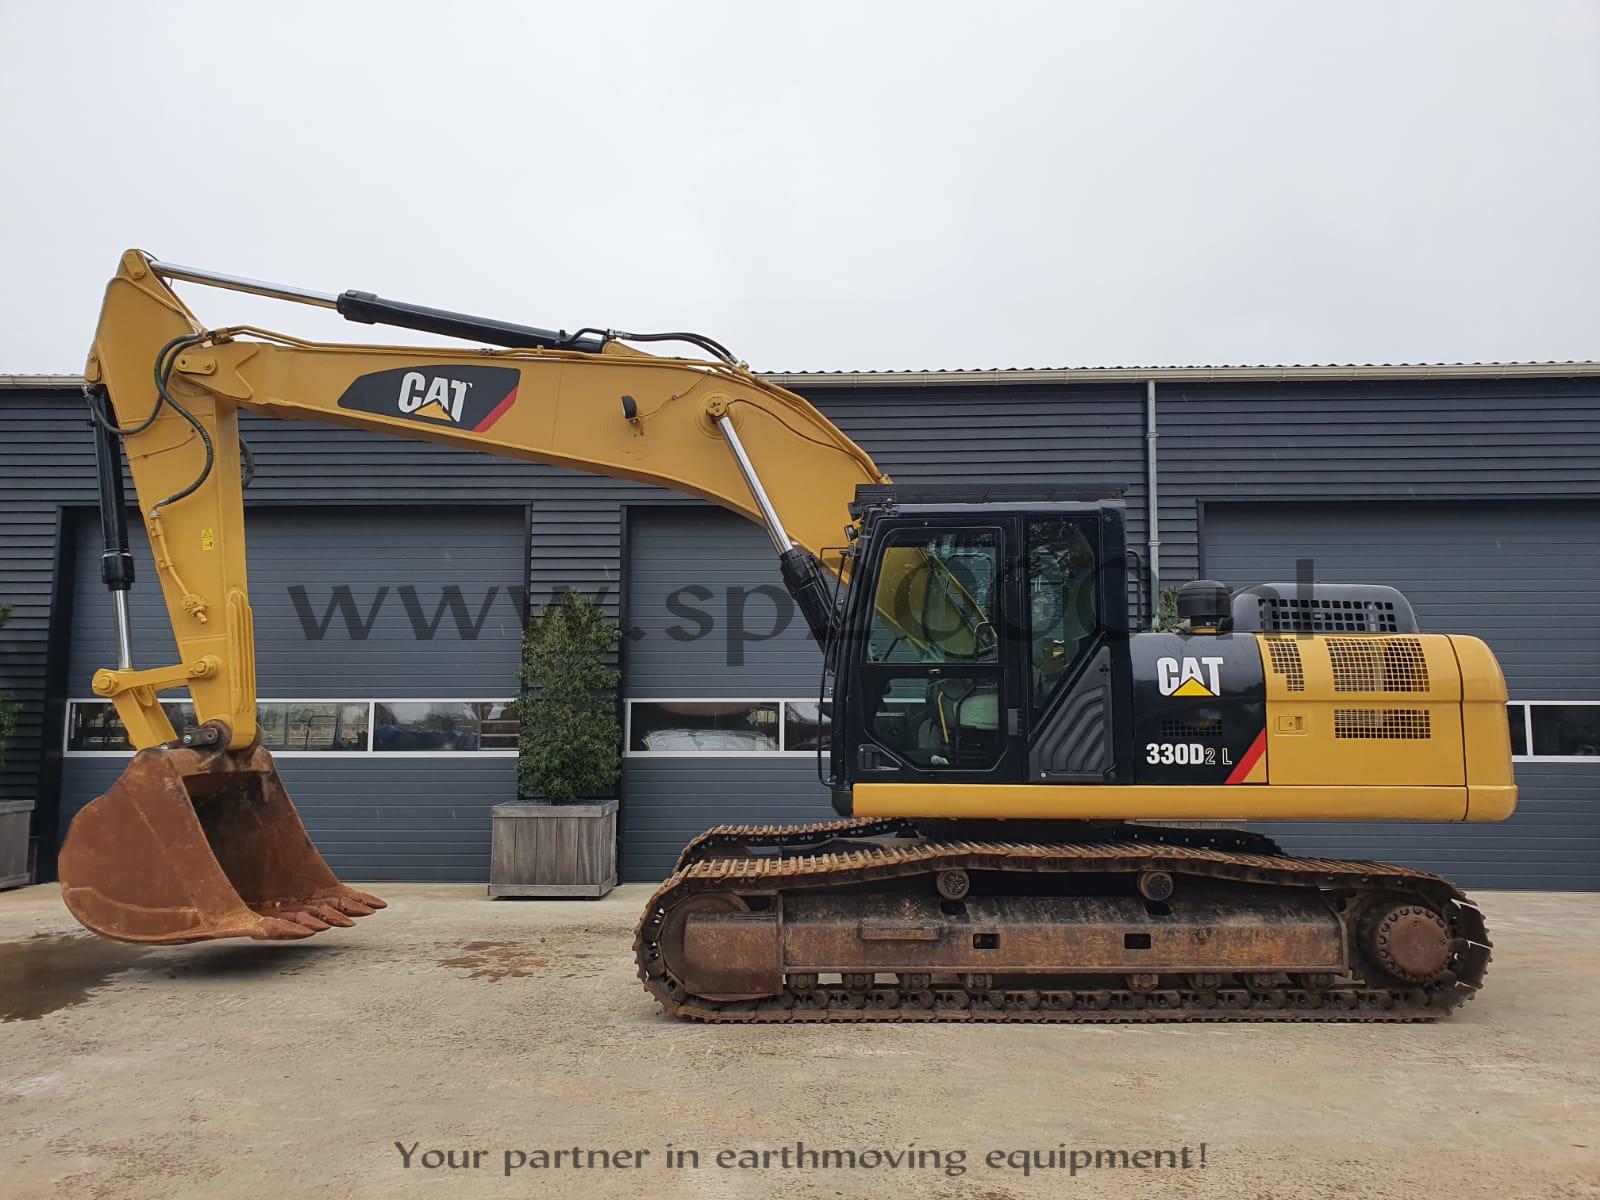 Caterpillar 330D2L Track excavator